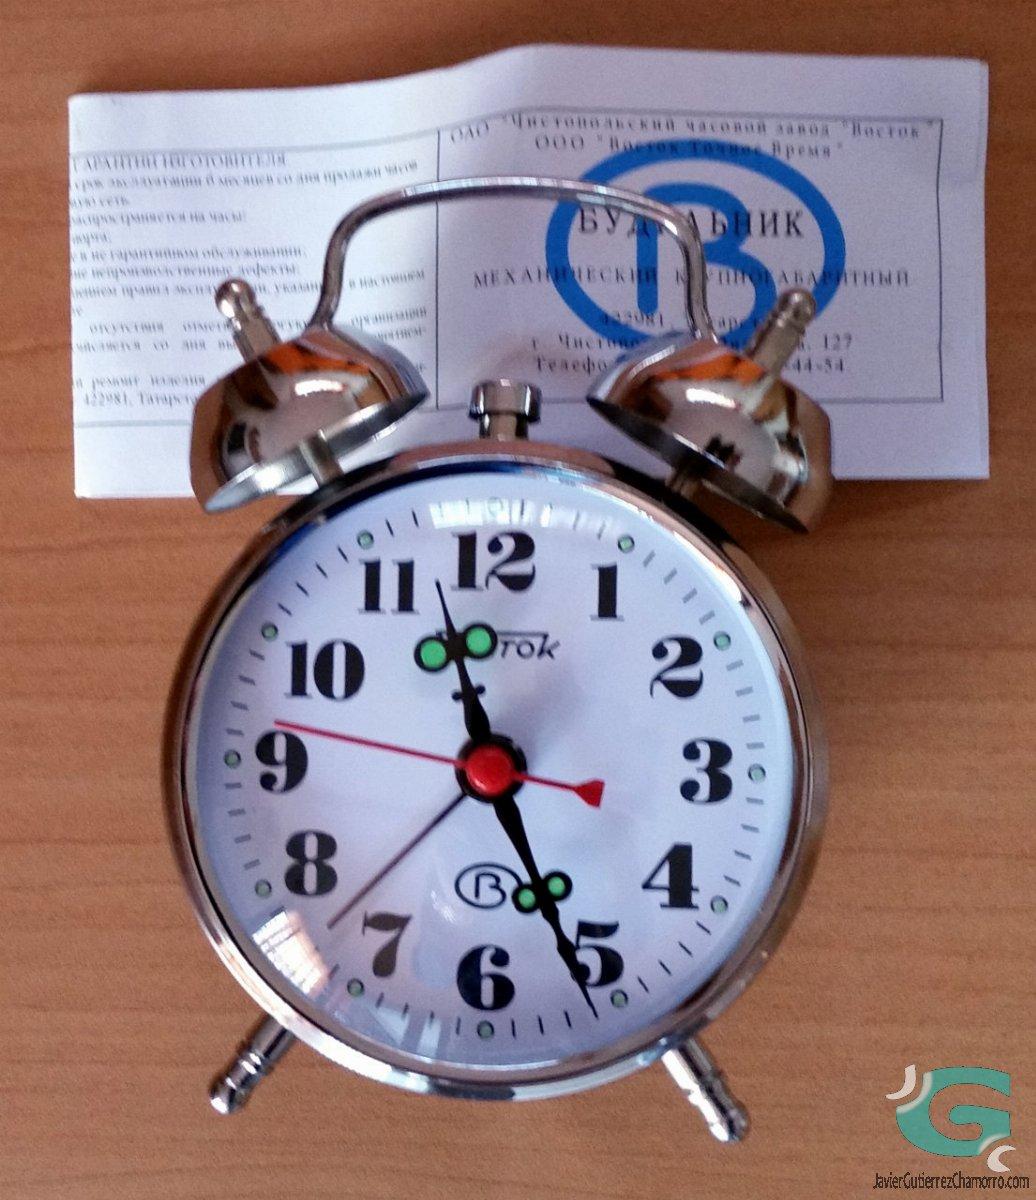 Despertador Vostok M801.1